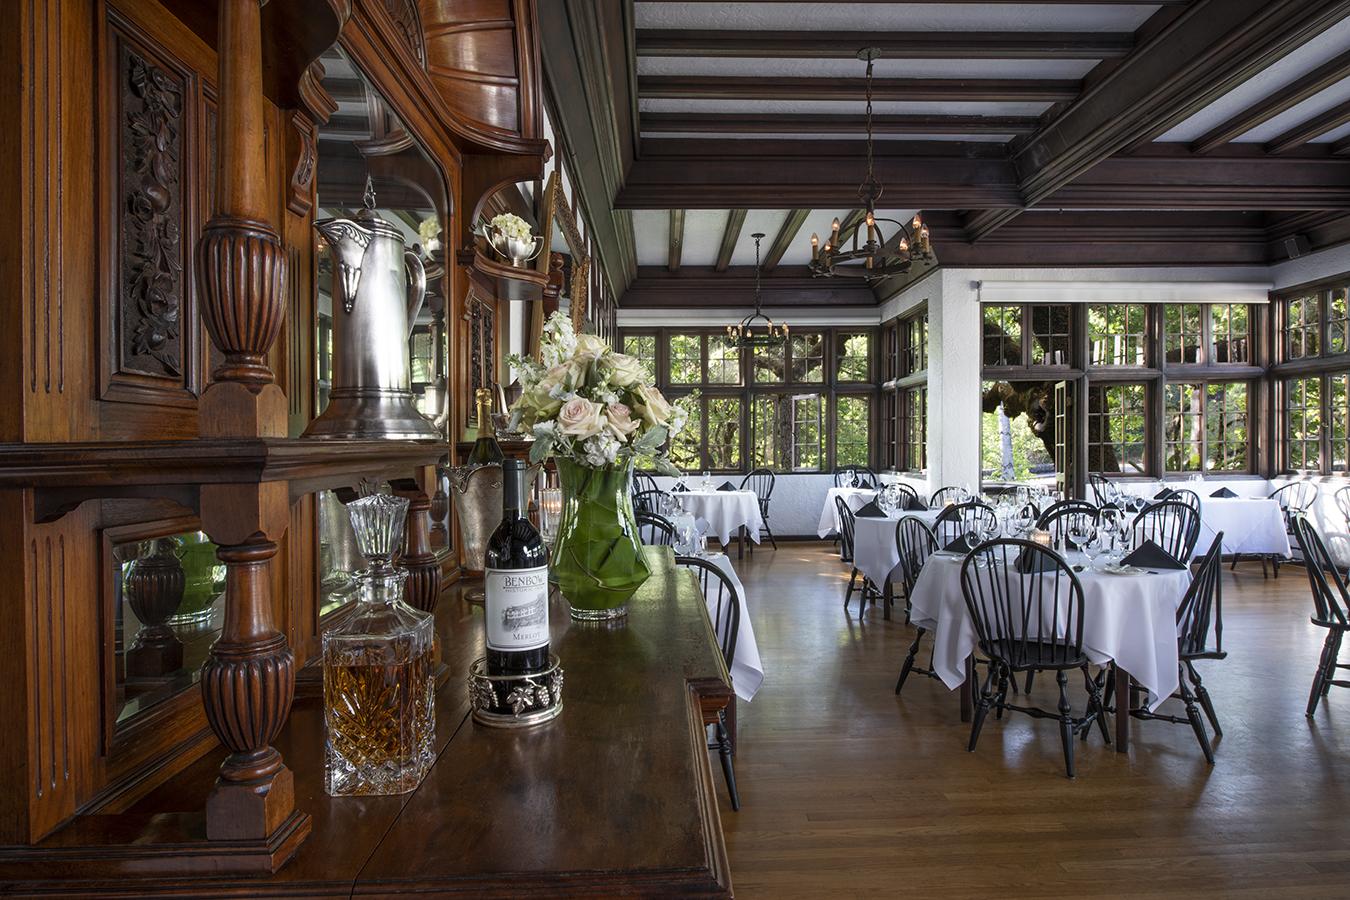 banner image is of Benbow Inn Restaurant